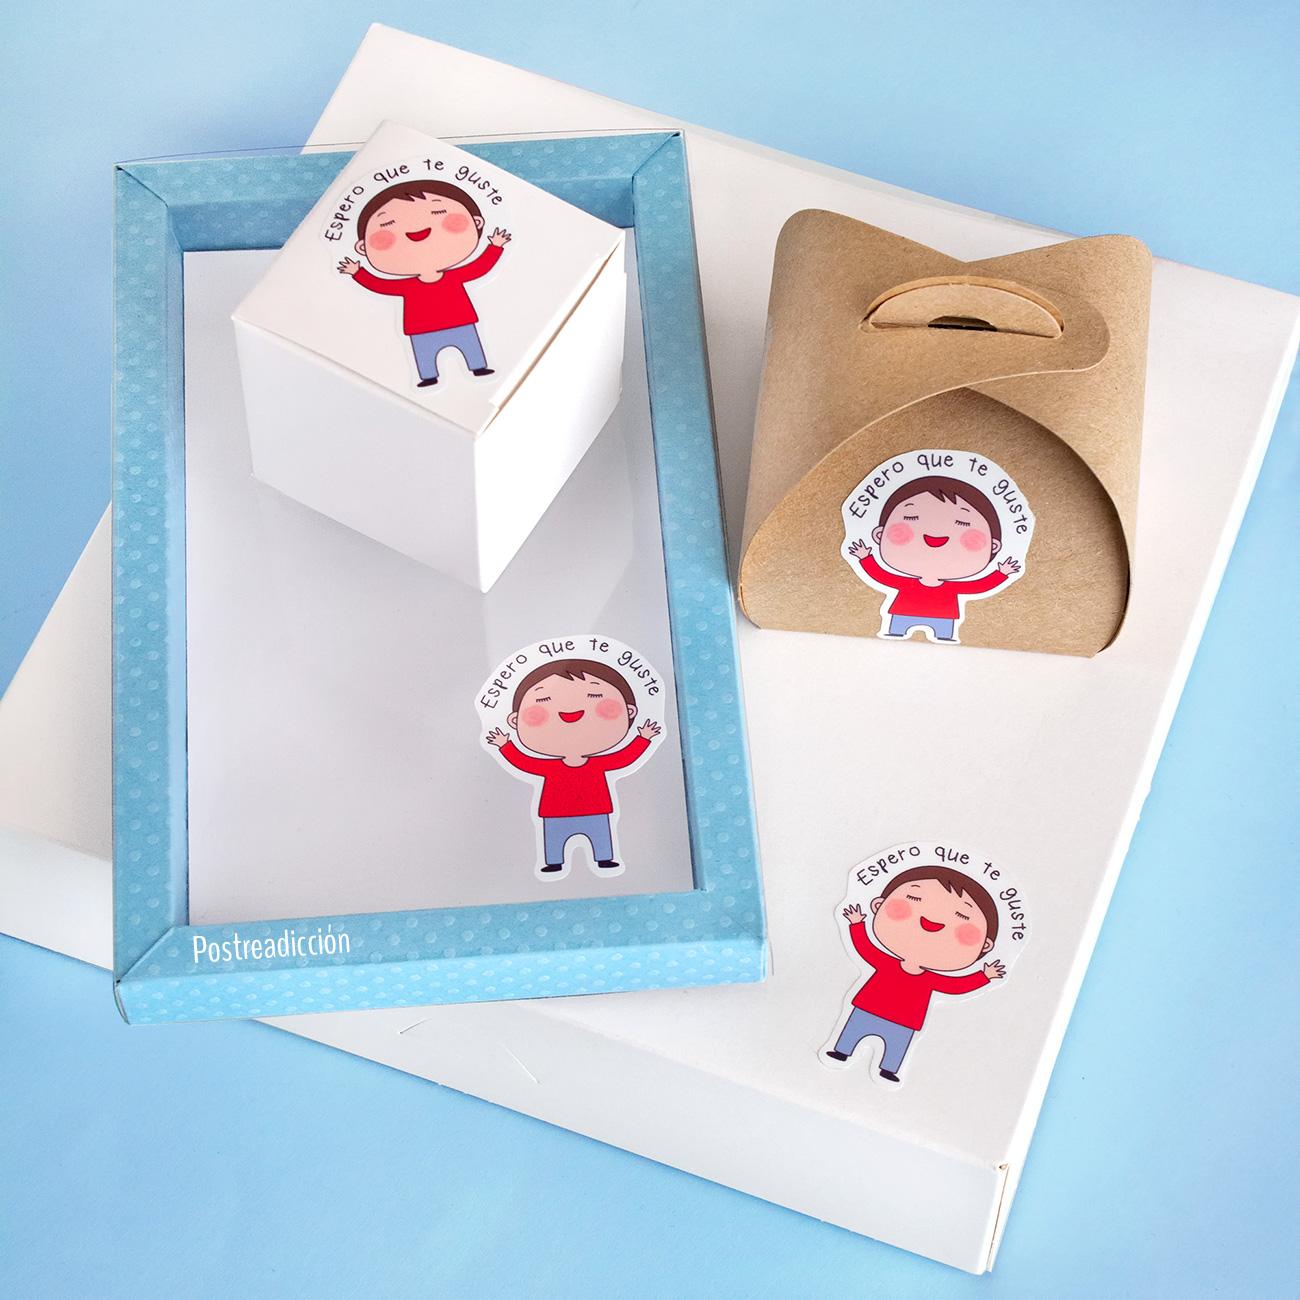 Imagen de producto: https://tienda.postreadiccion.com/img/articulos/secundarias13757-caja-de-20-x-20-cm-y-5-cm-de-altura-1.jpg